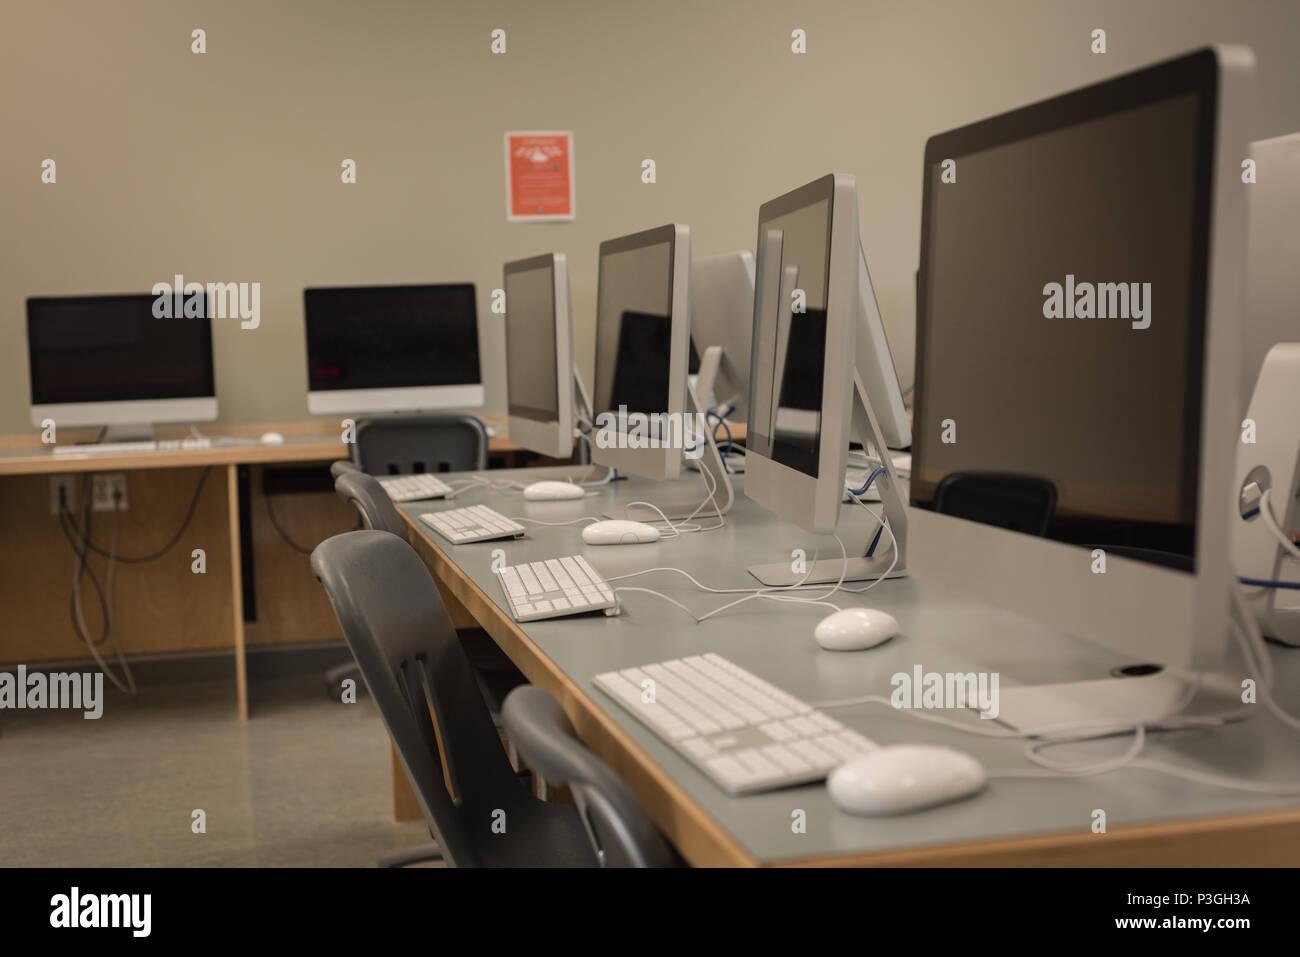 Pc de bureau organisé sur le tableau Photo Stock